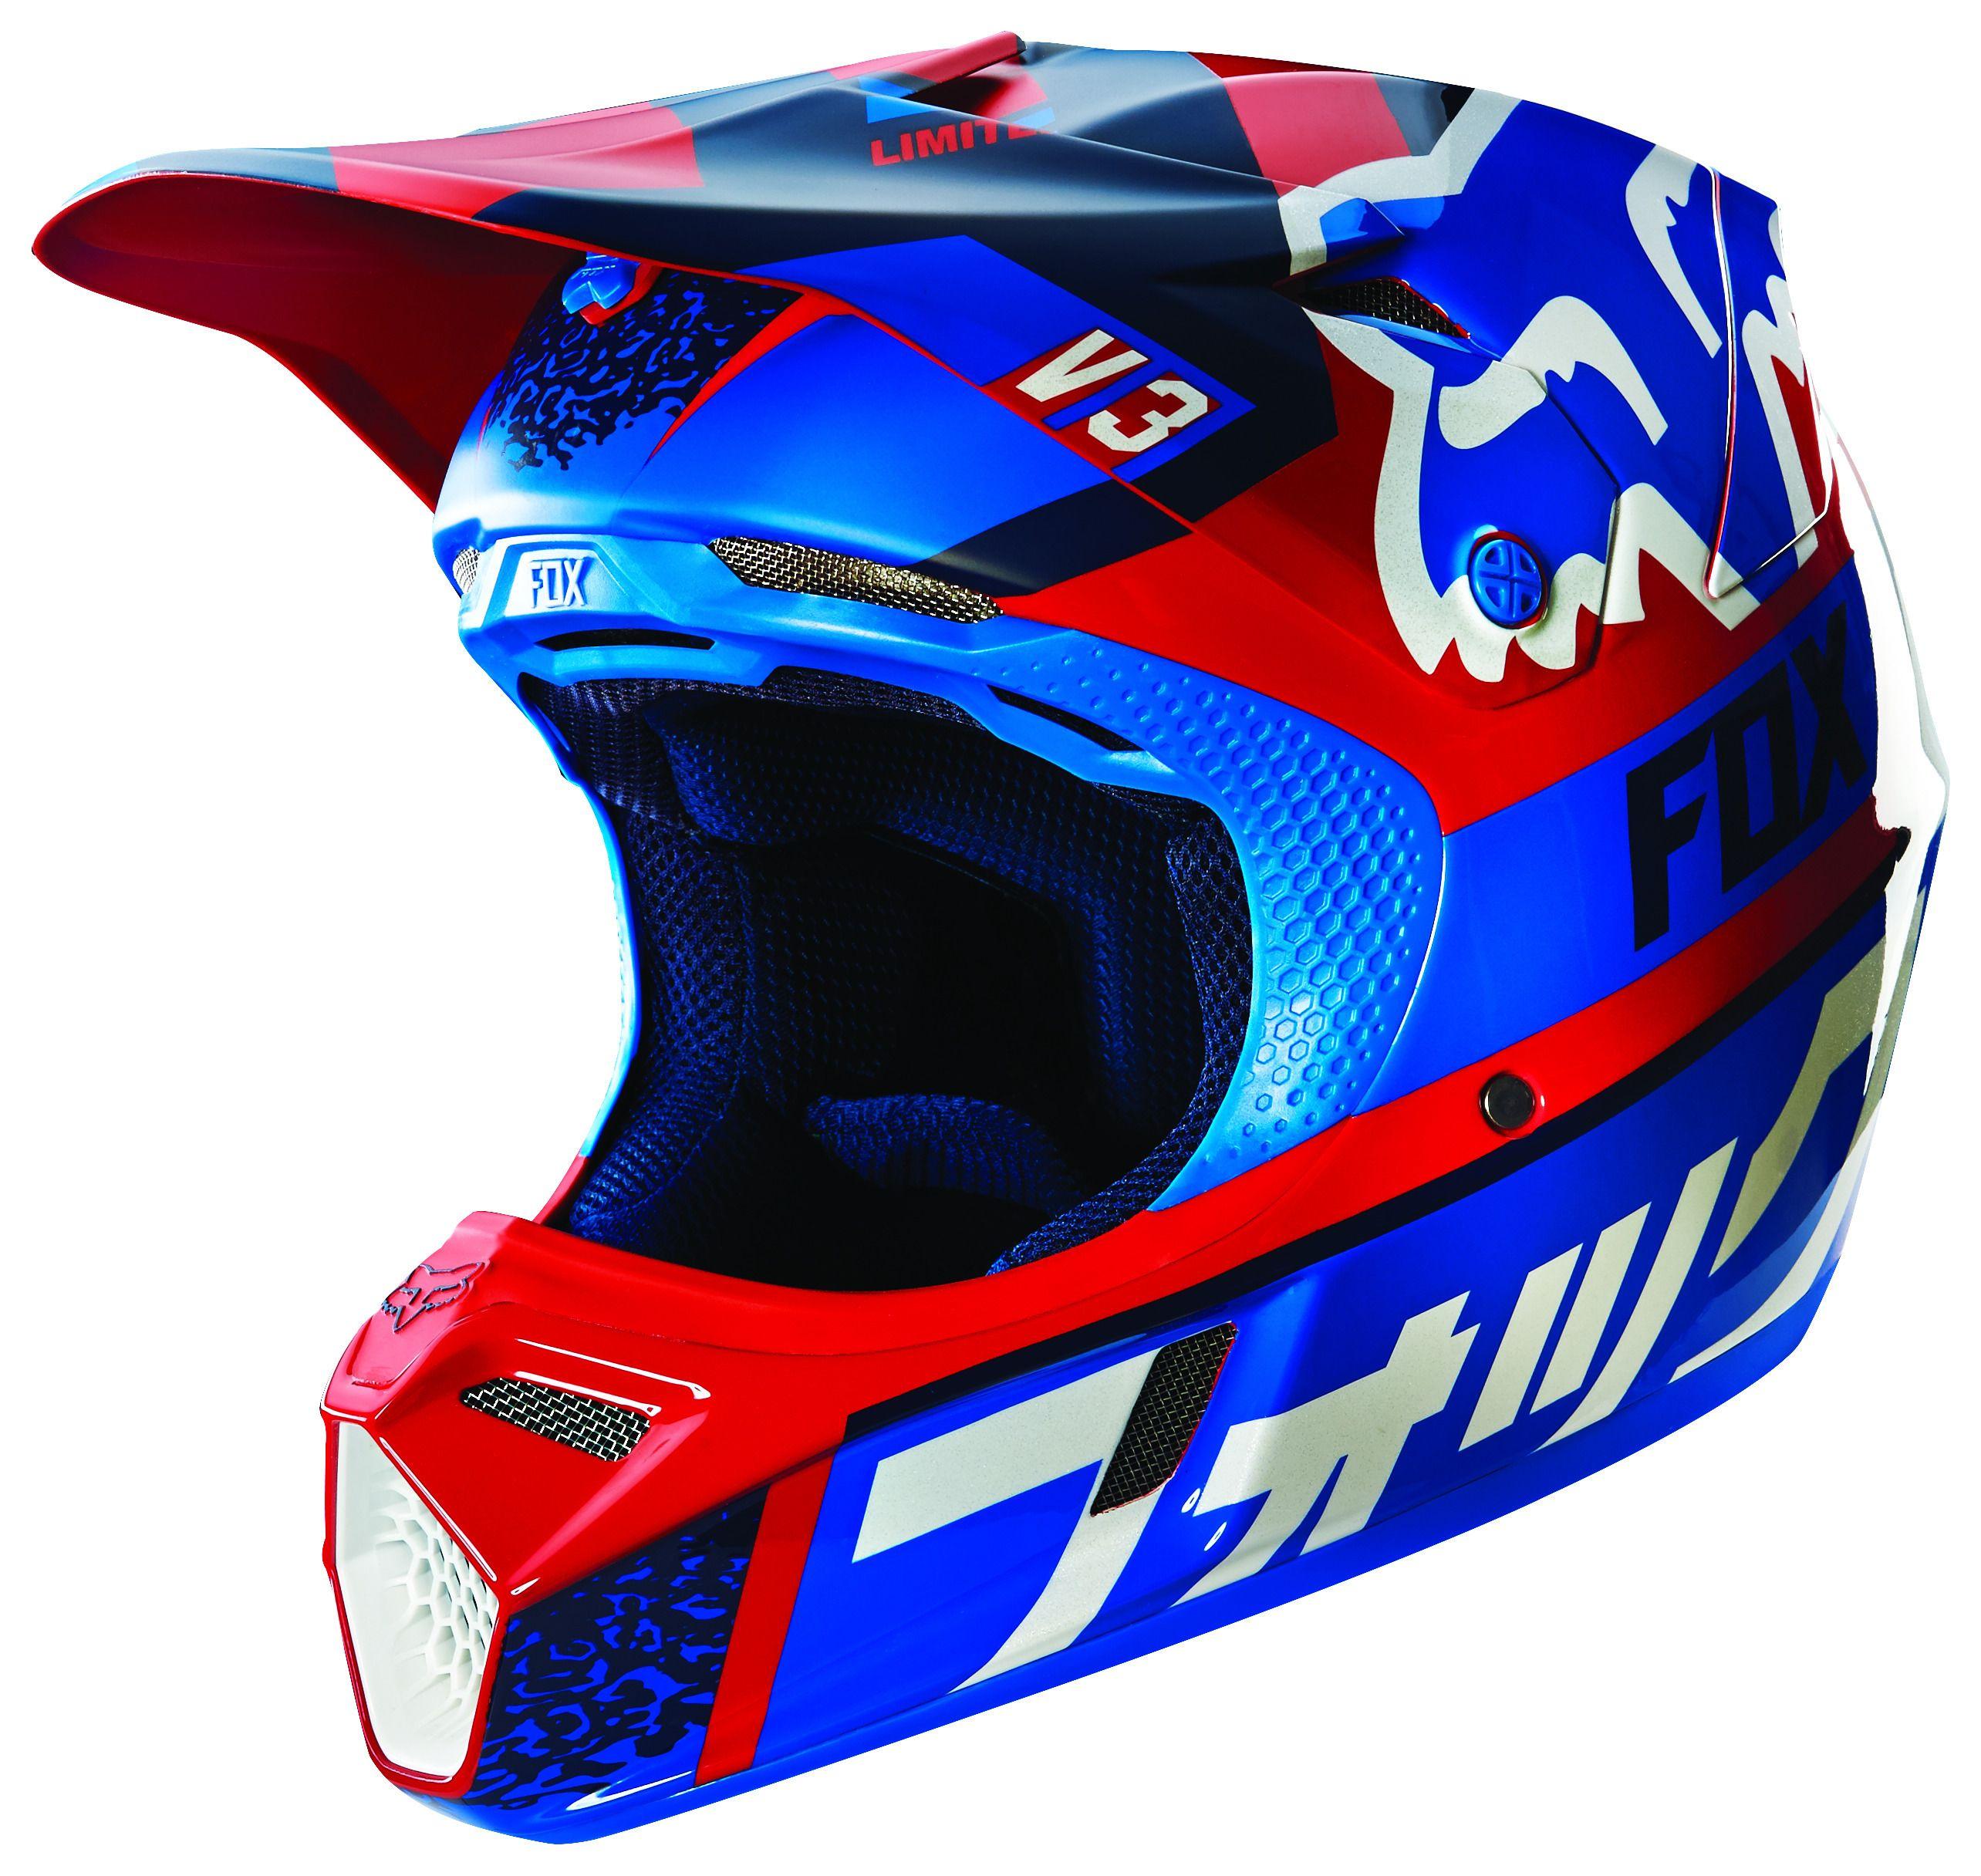 Fox Racing V3 Divizion Helmet Revzilla